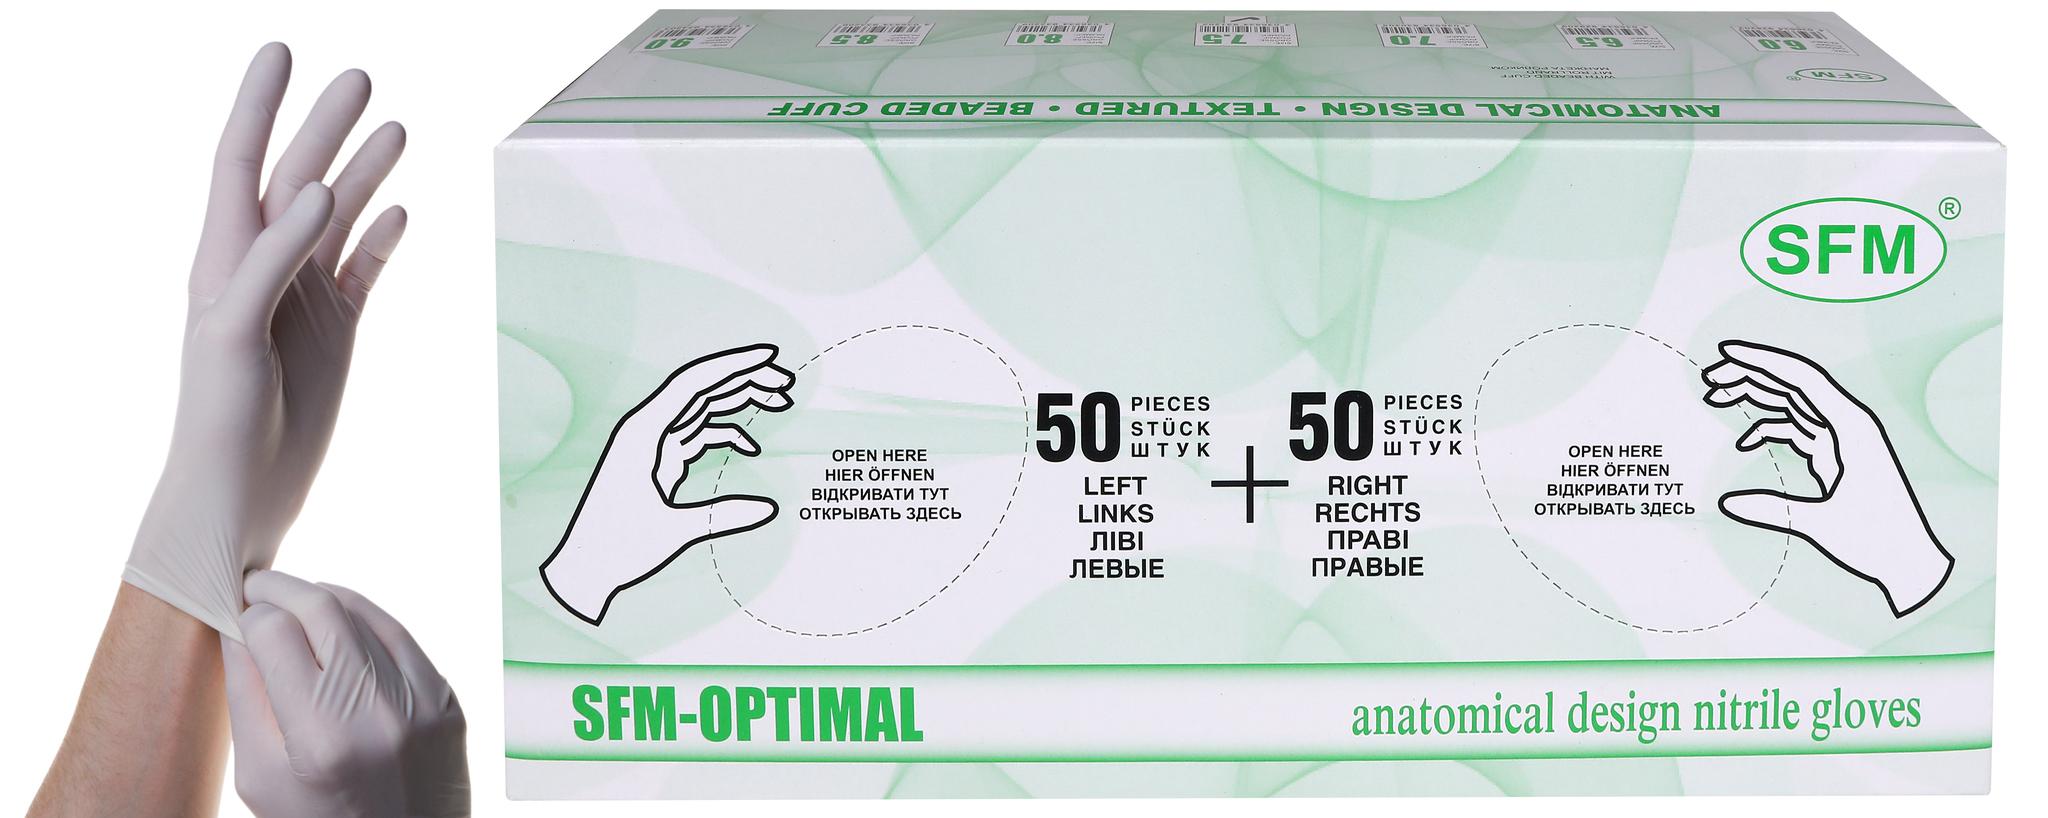 Купить Нитрилнестерильный, Перчатки хирургические нитриловые нестерильные SFM 50 пар 6, 5 S